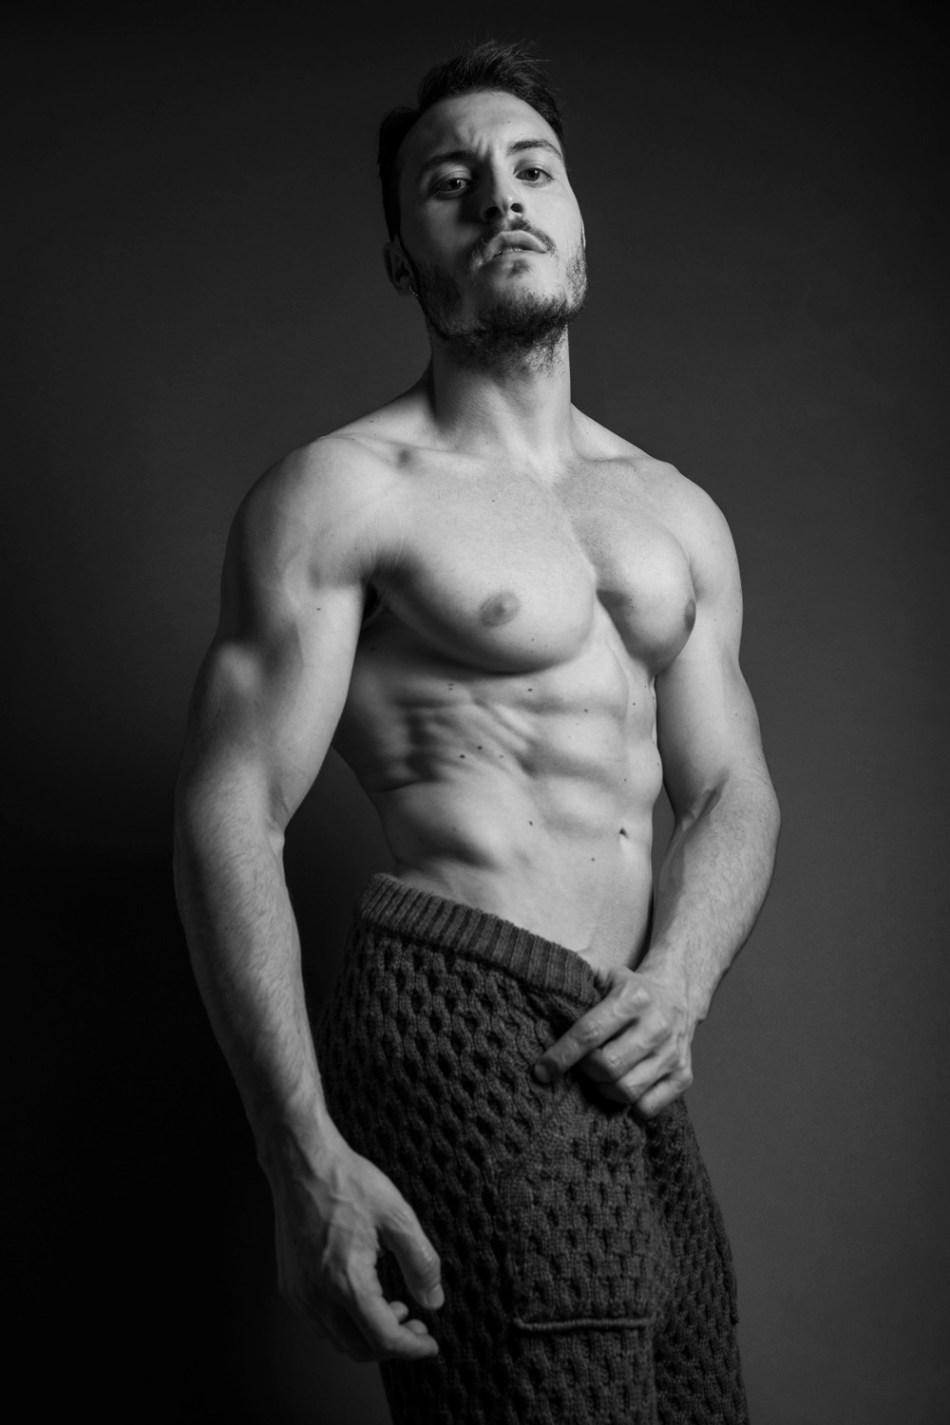 Hotness delivered to your screen: Salvatore Mazzarella by Giorgia Villa